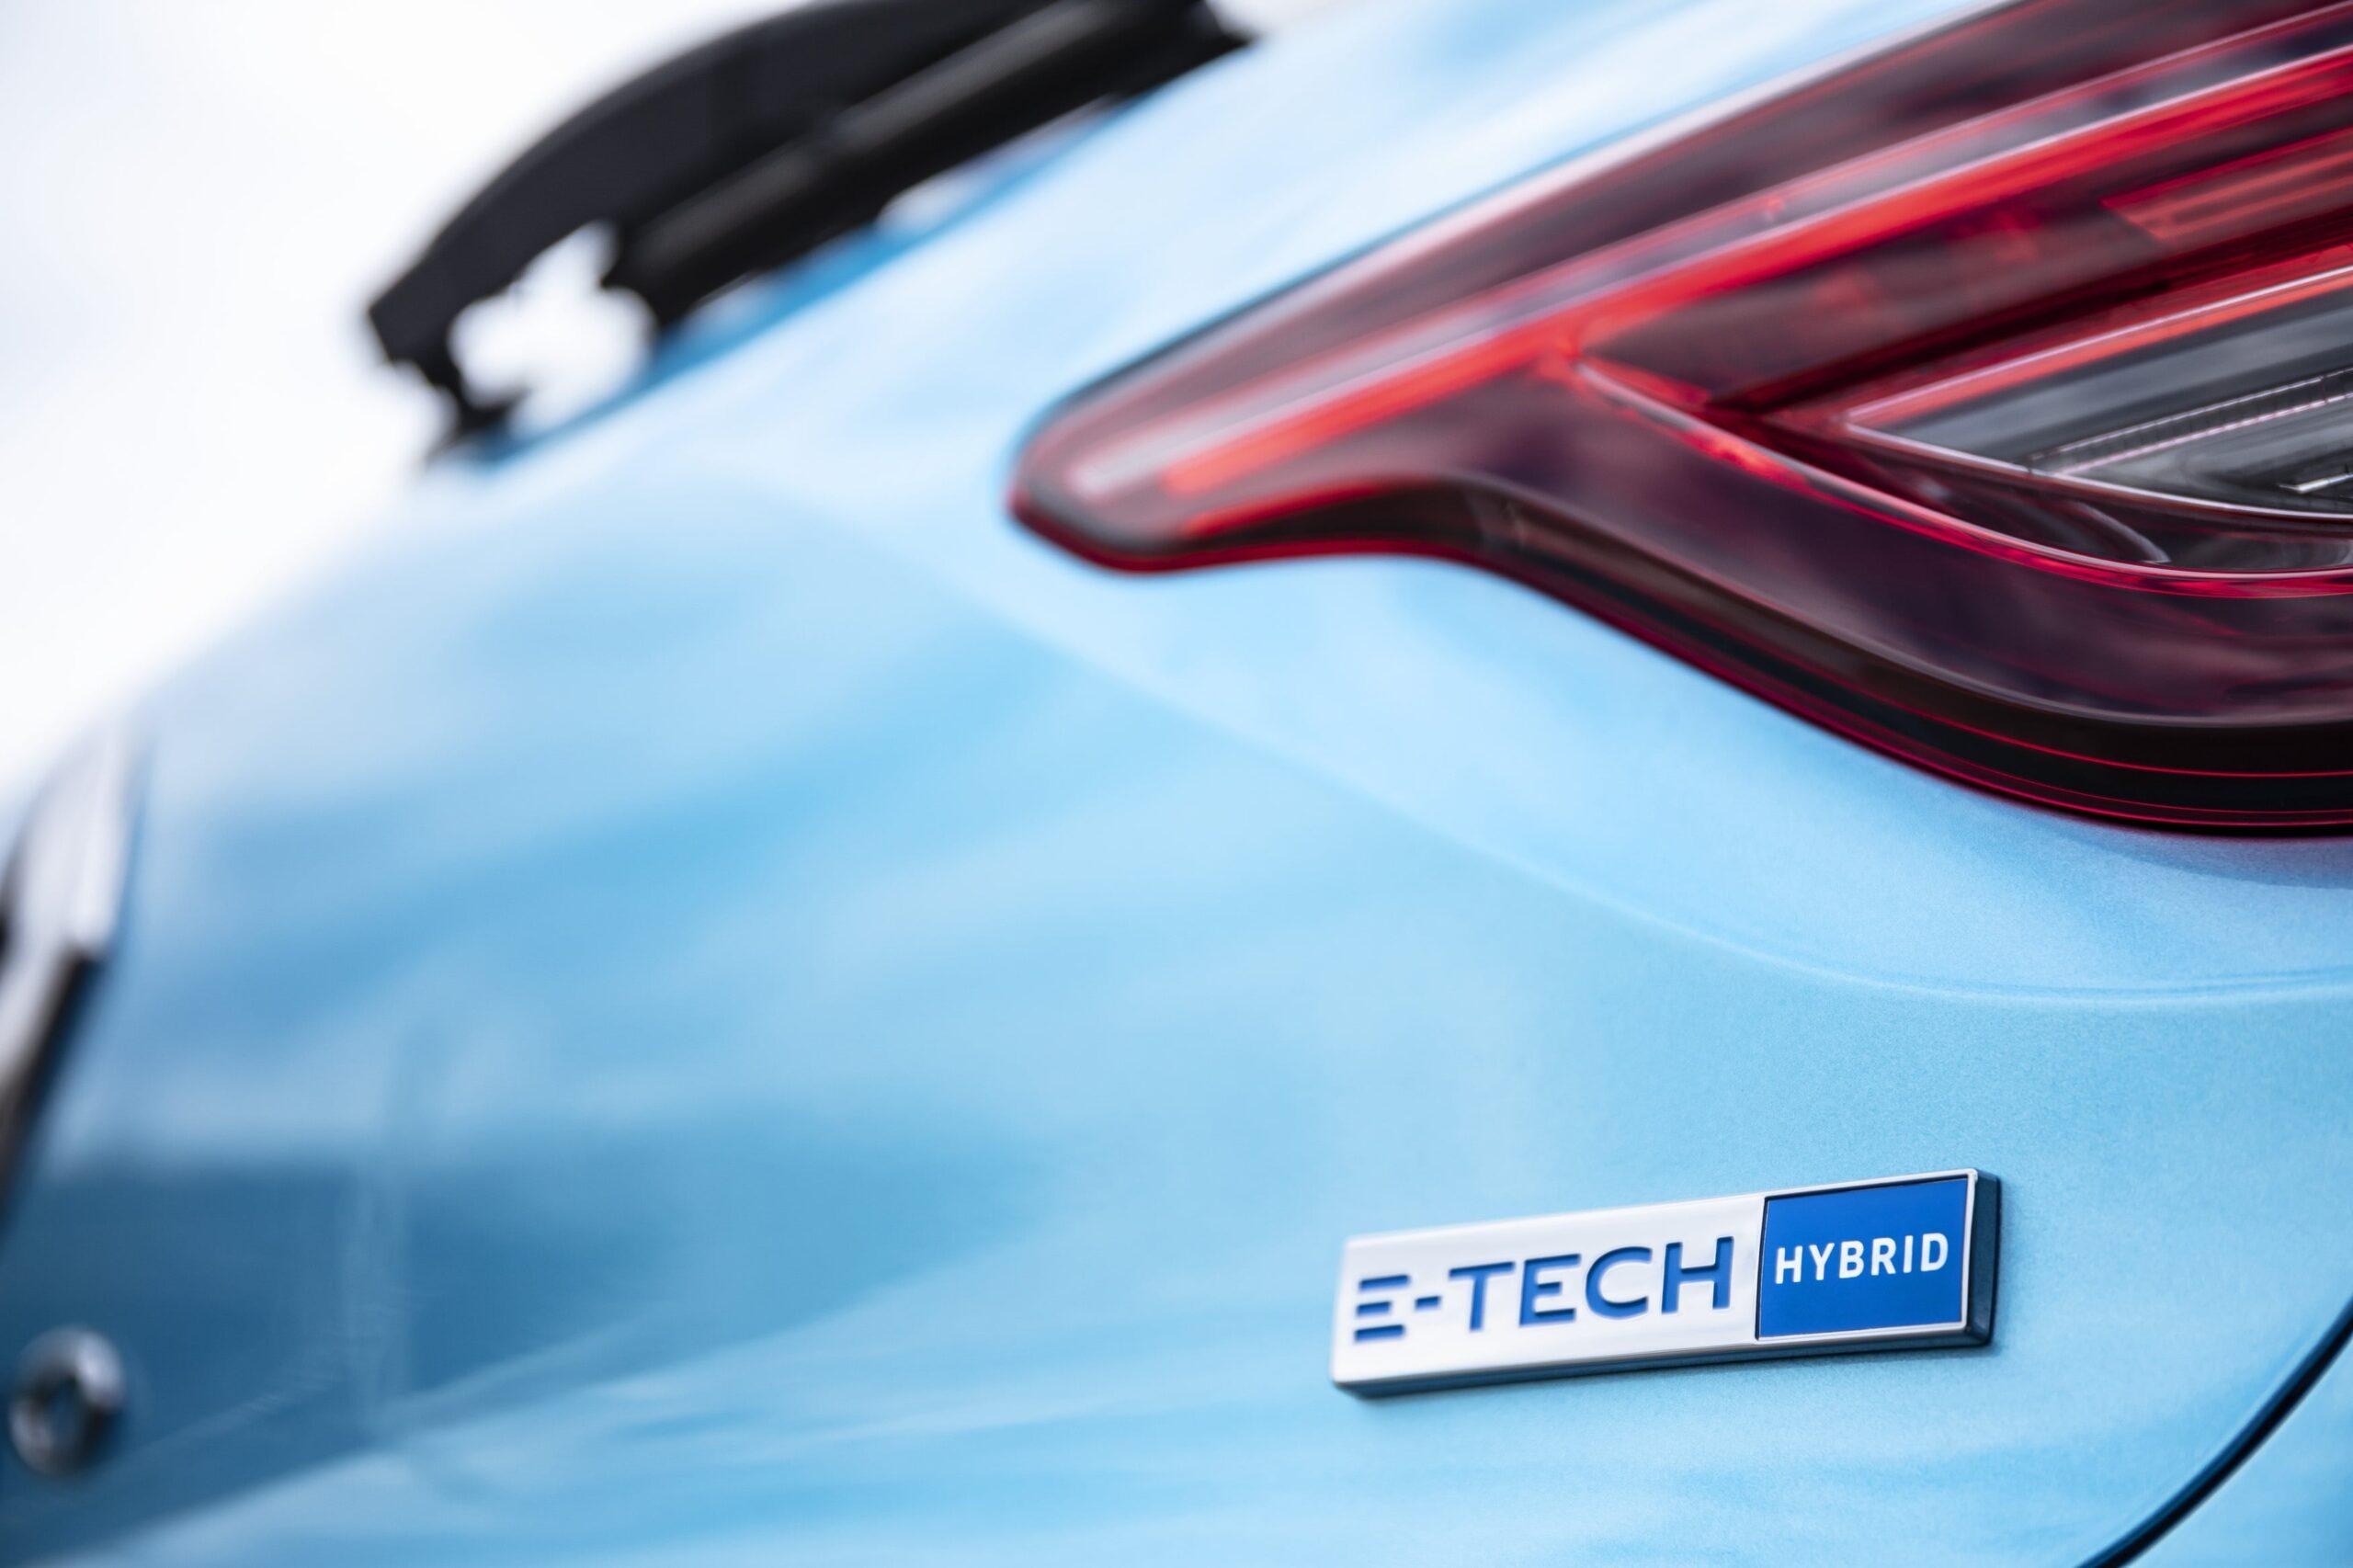 Nuova Clio E-tech Badge